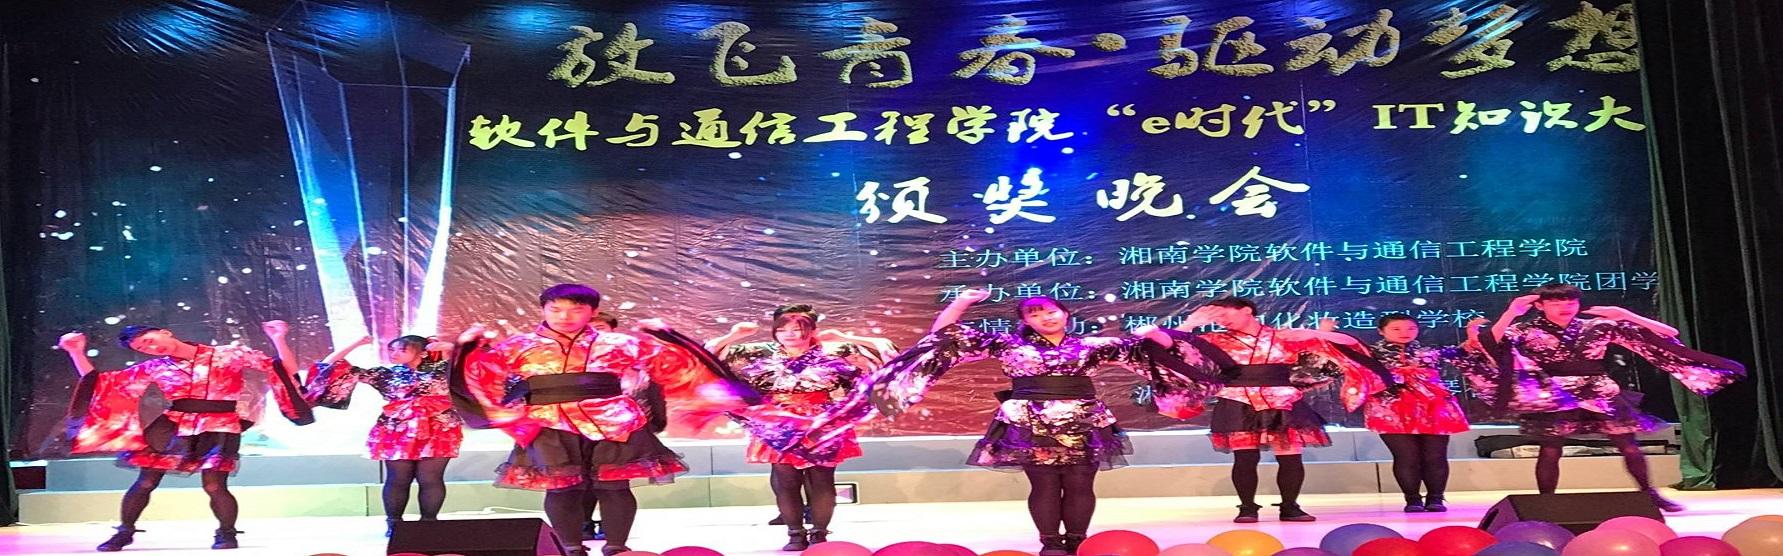 学院特色校园文化活动IT文化节(宽).jpg